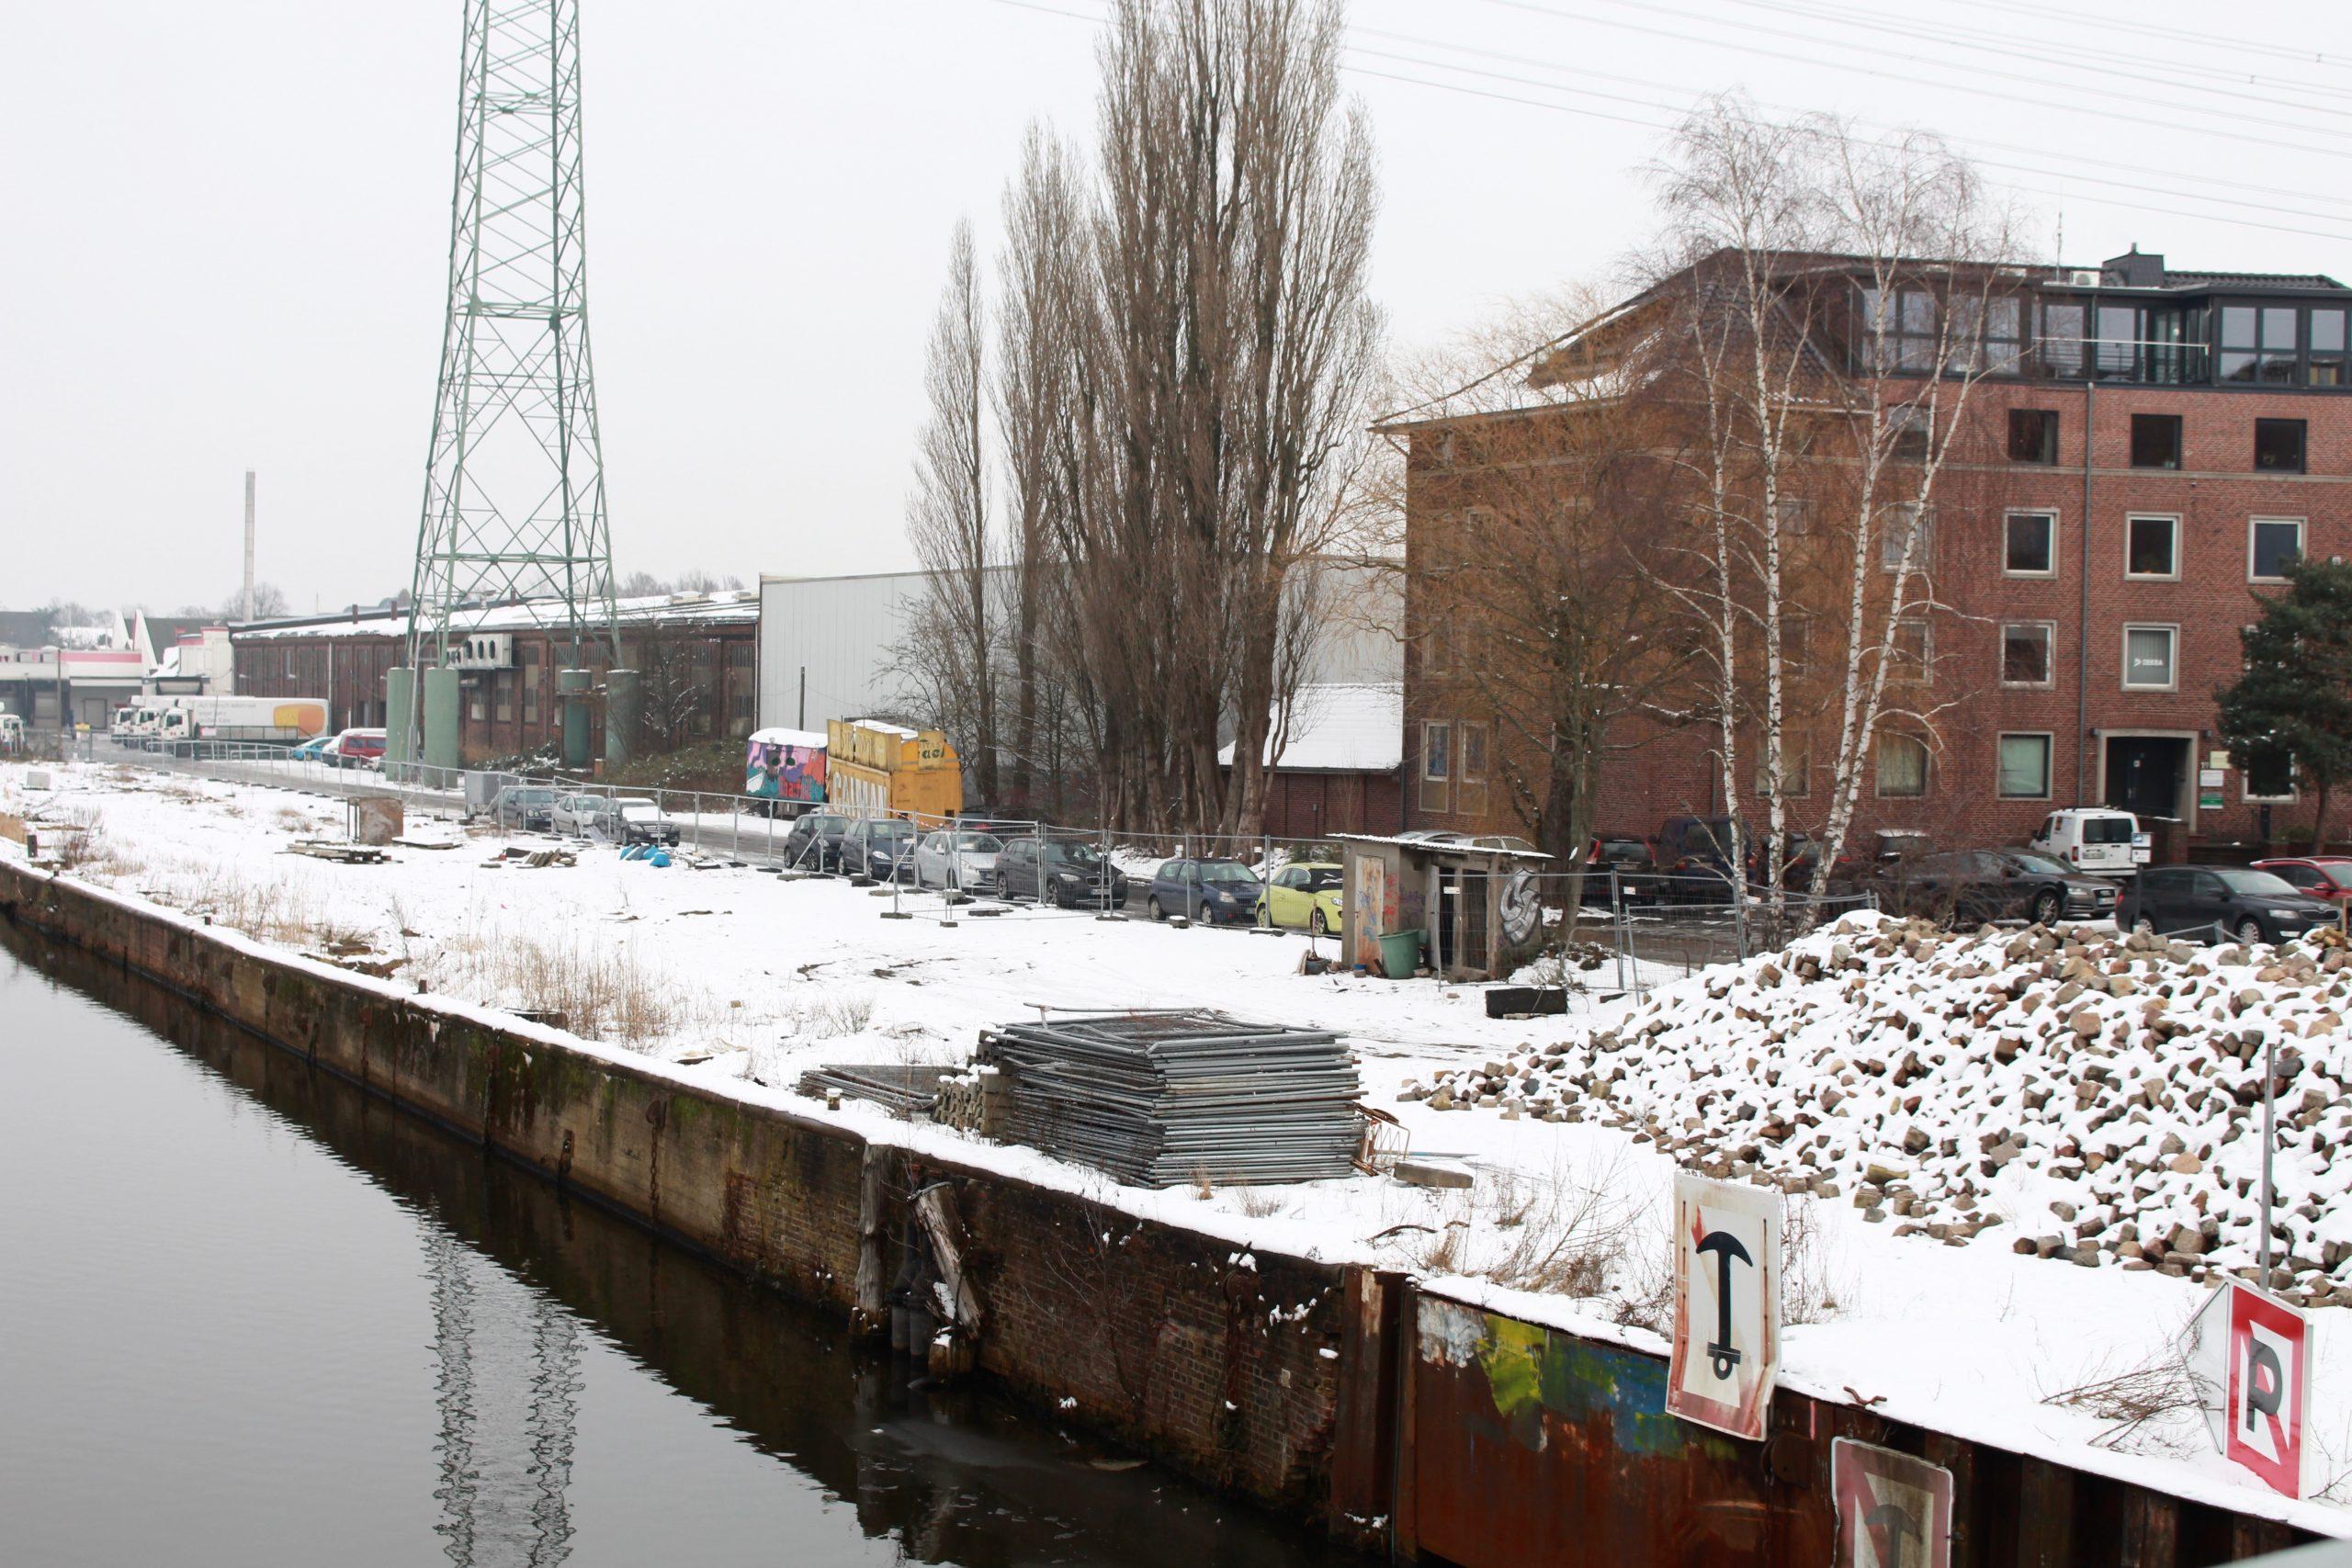 pm -Die Kaimauer fotografiert am 2. Februar als noch Schnee lag